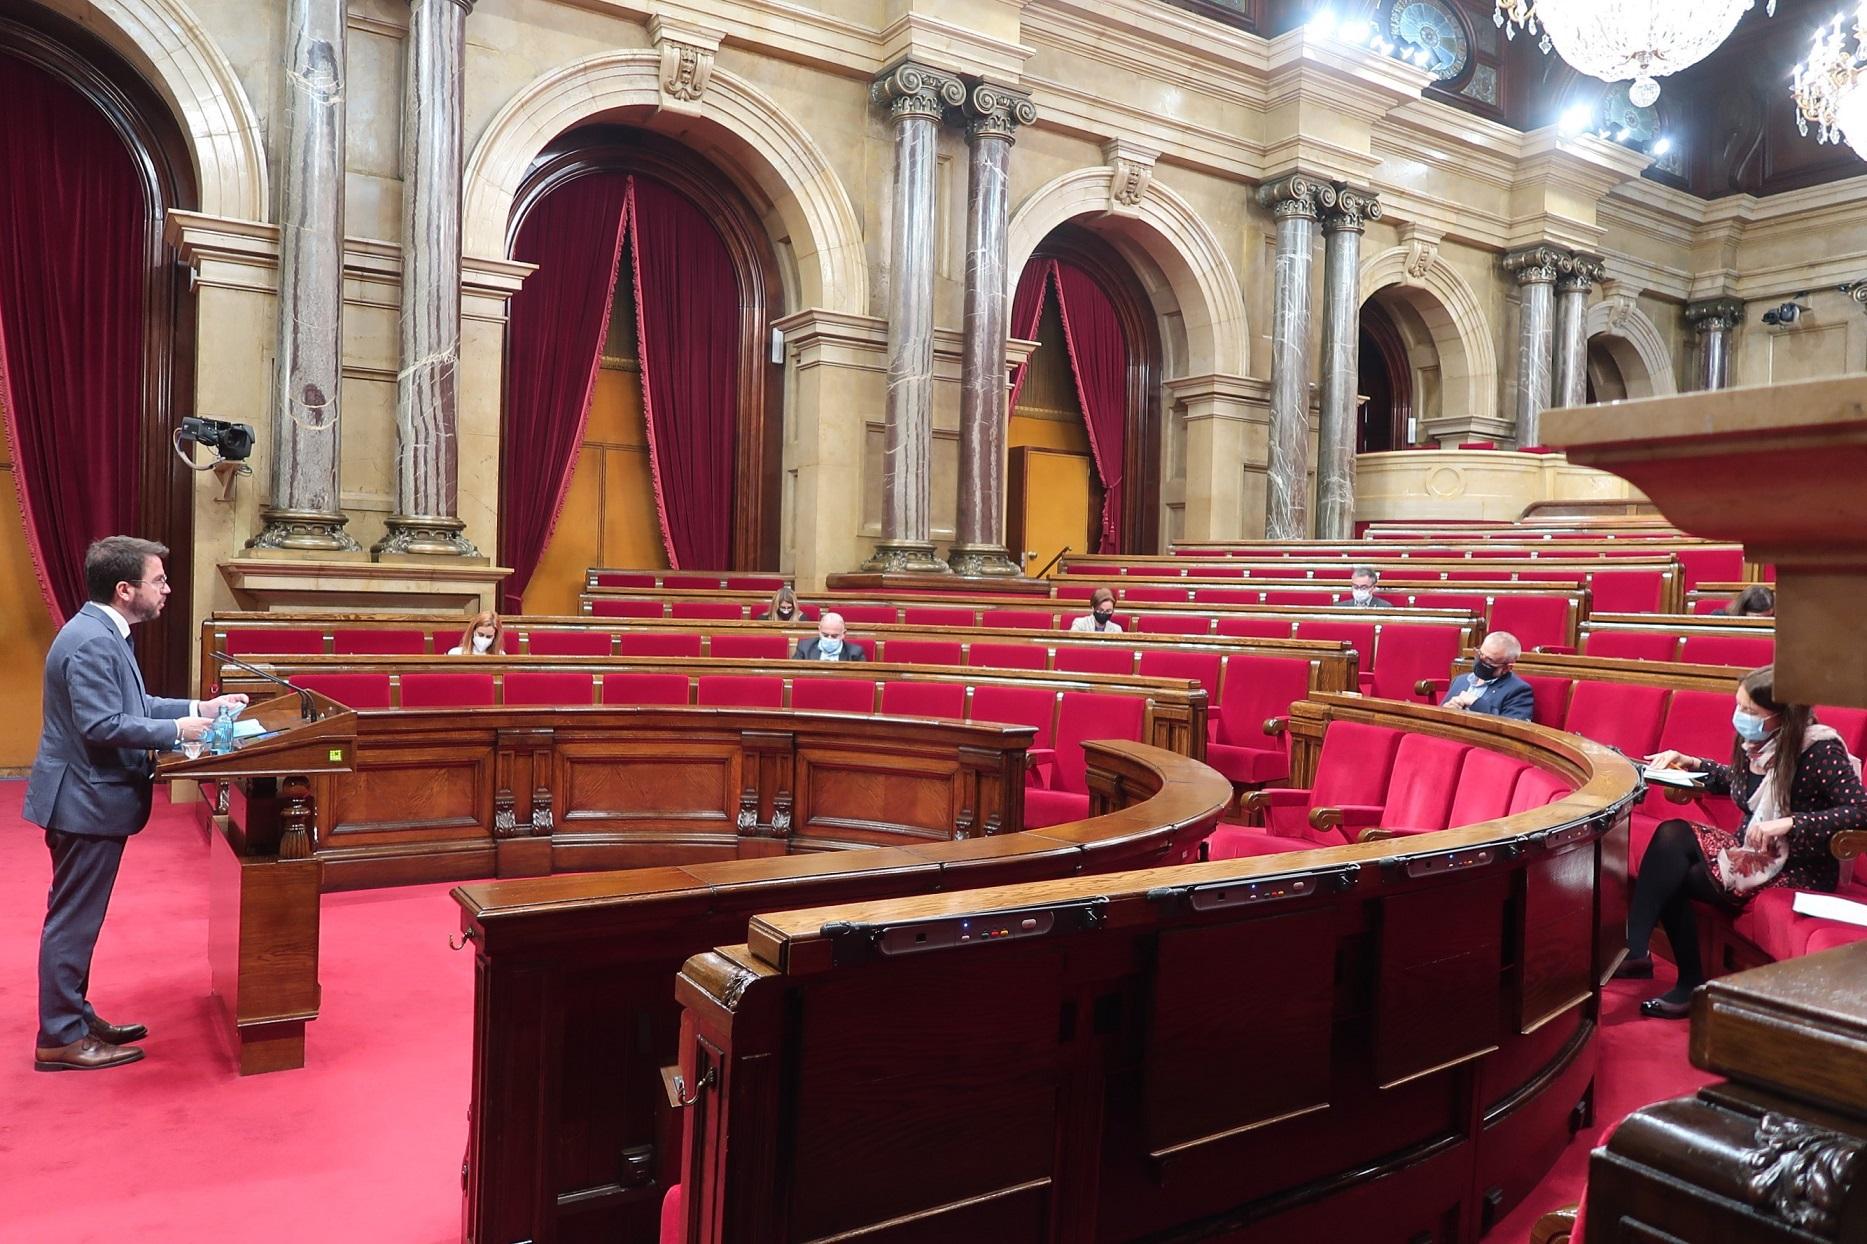 Pere Aragonès en una sesión de la Diputación Permanente del Parlament, en febrero de 2021 | Parlament de Catalunya/Archivo